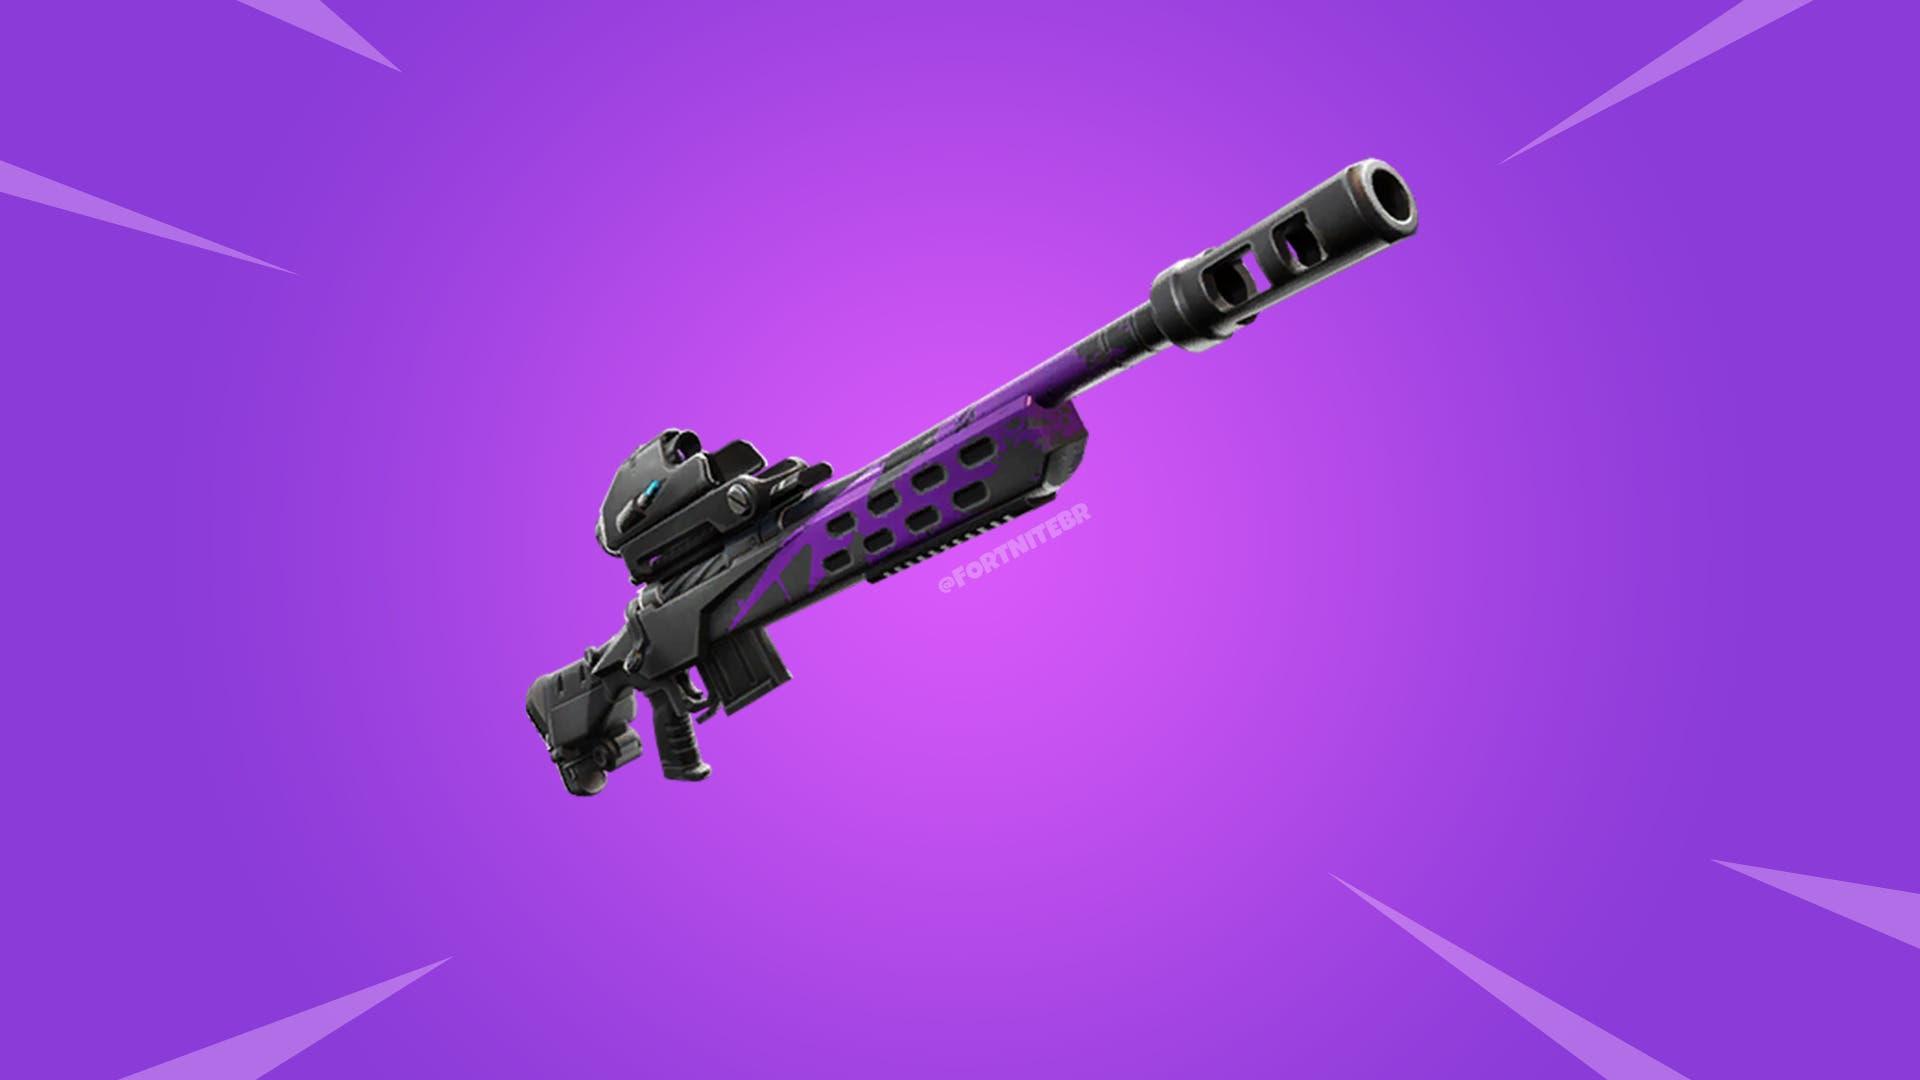 Imagen de El francotirador Storm Scout se ha filtrado en los archivos de la actualización 9.40 de Fortnite